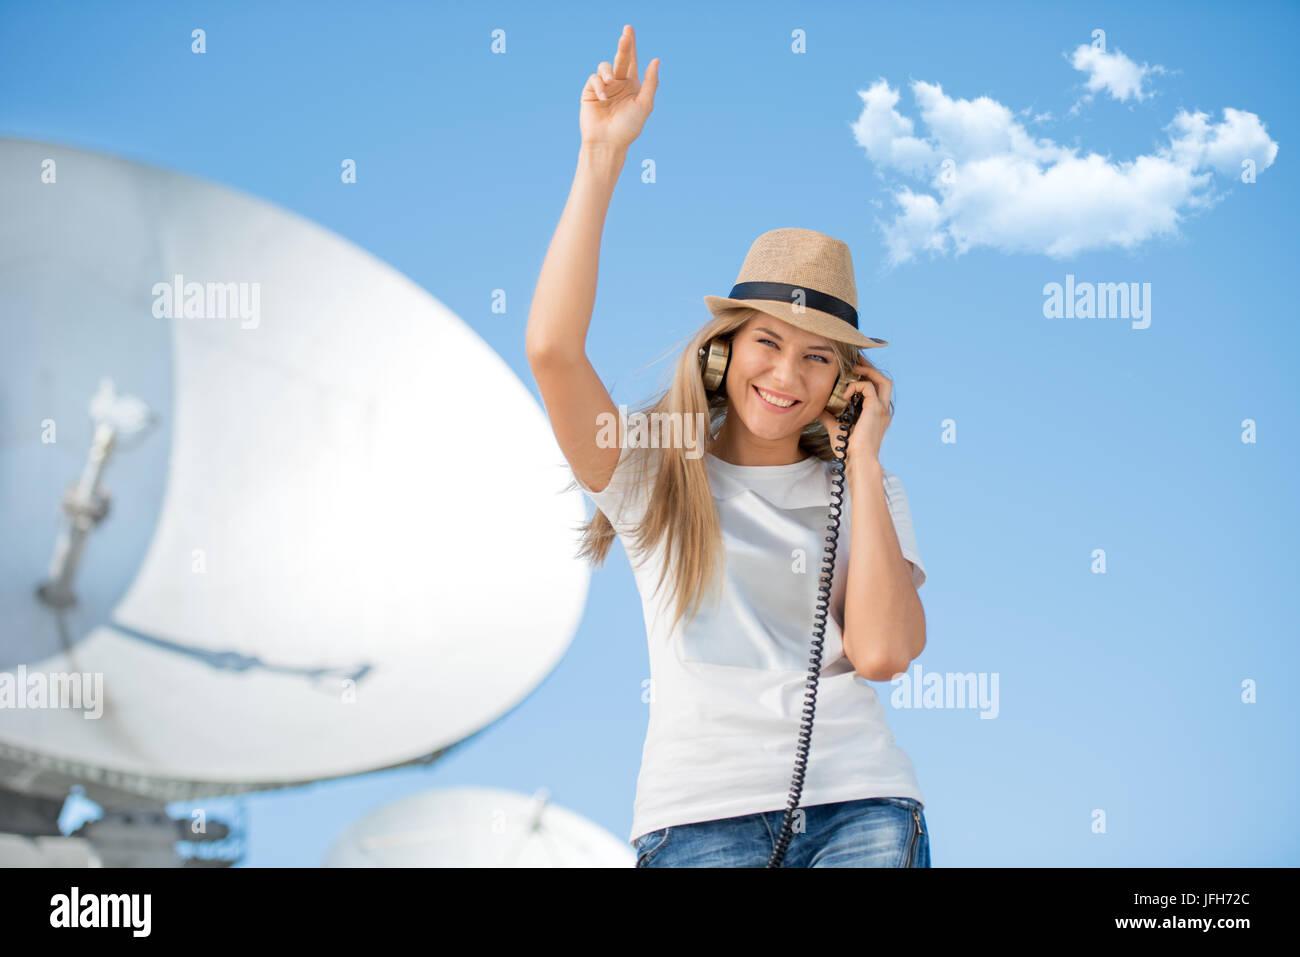 La tecnología de entretenimiento. Foto de stock